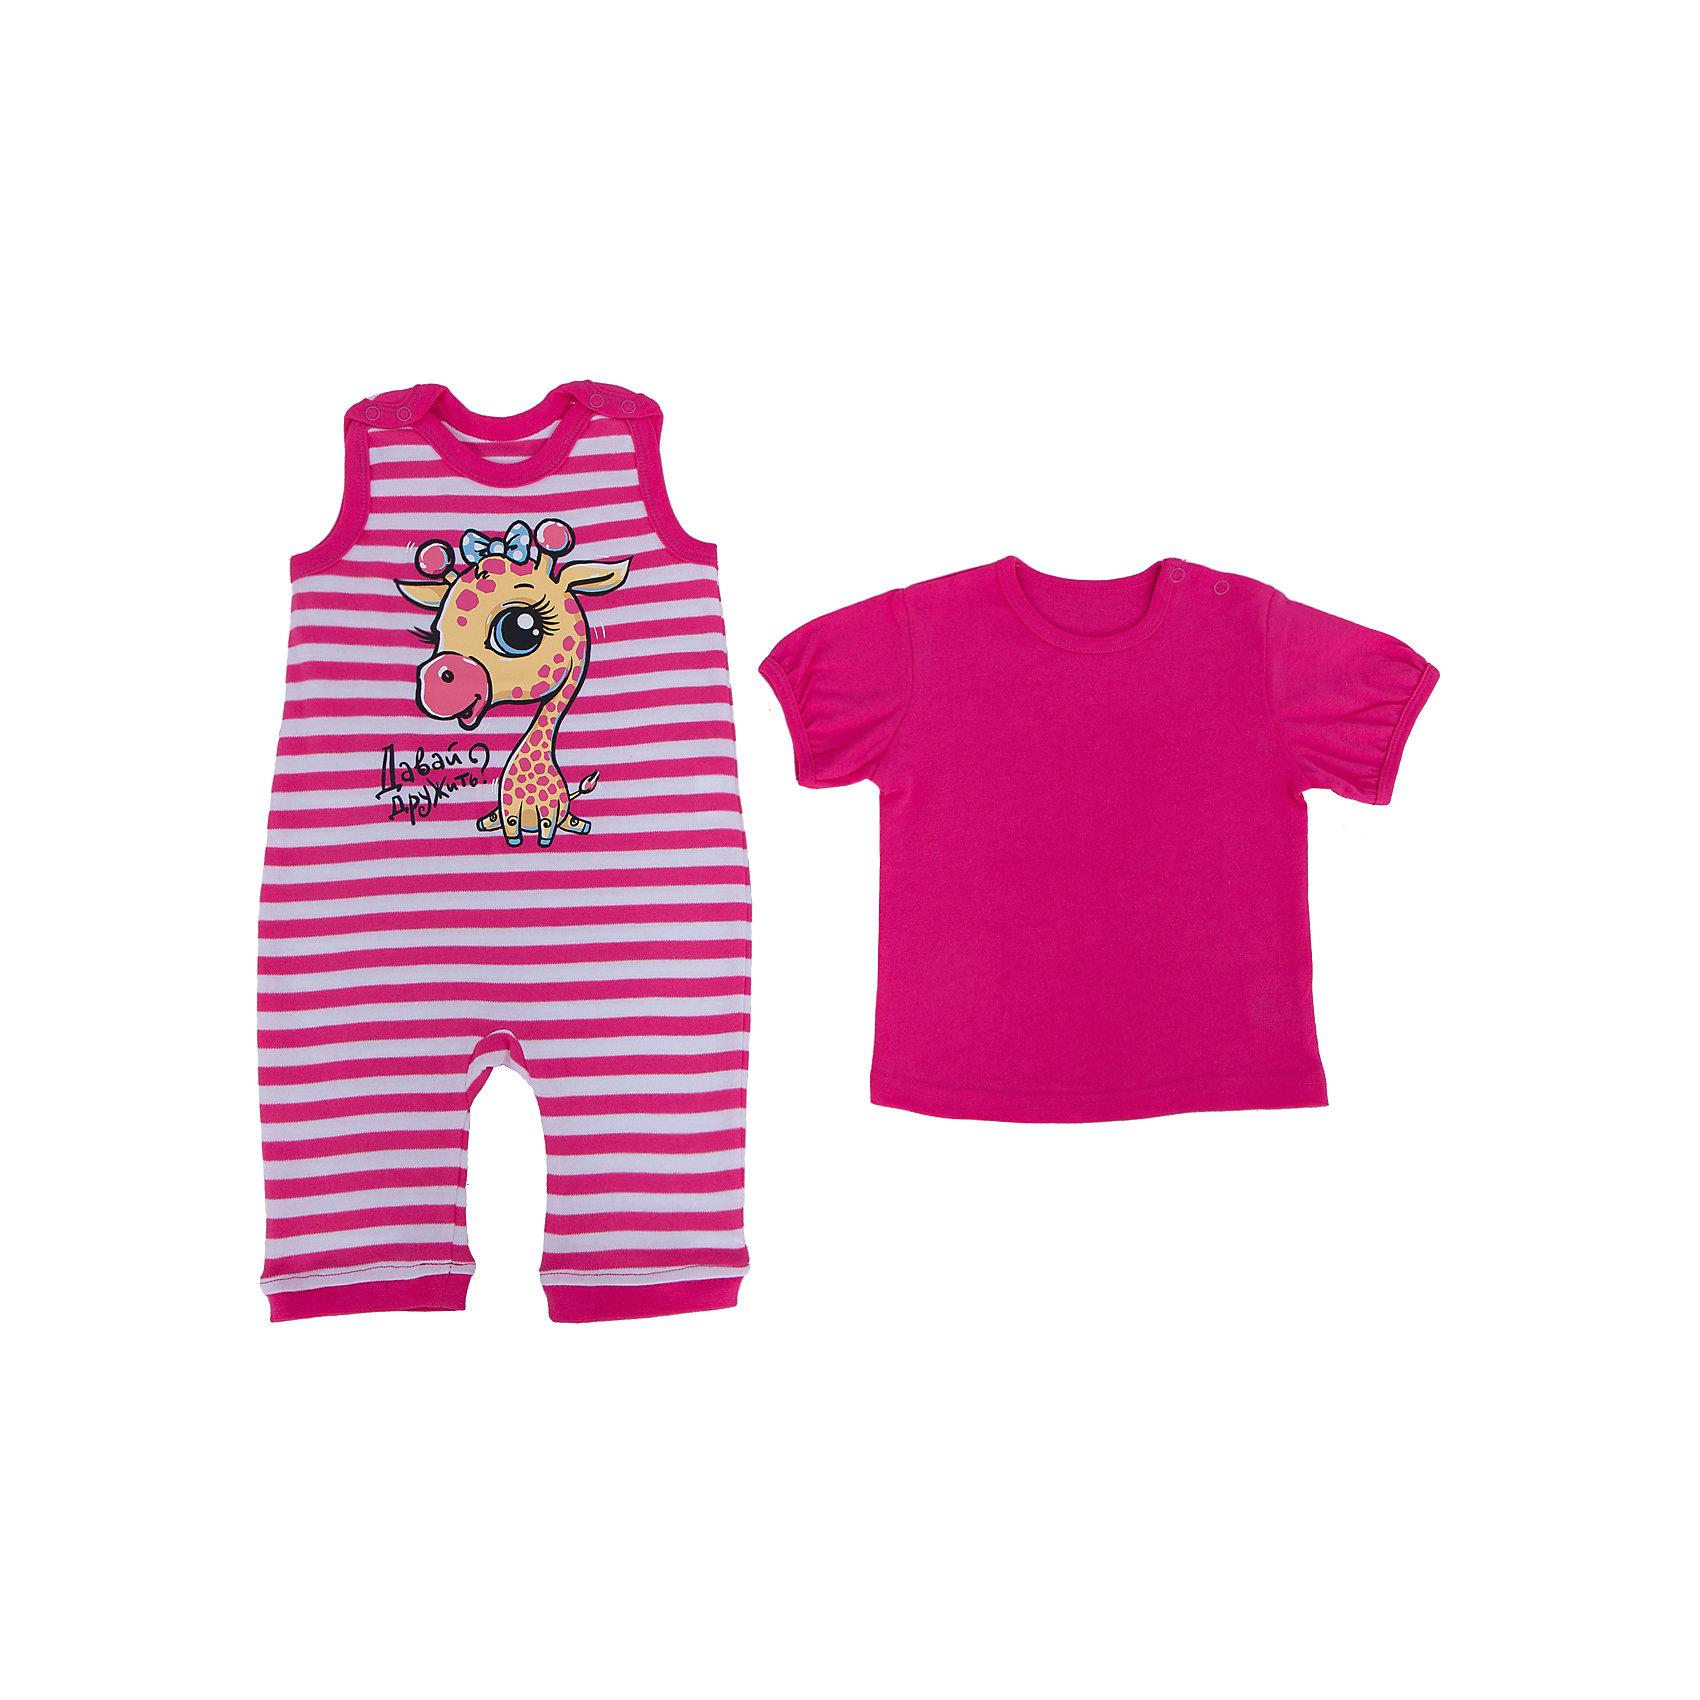 Комплект: полукомбинезон и кофточка для девочки PELICANКомплекты<br>Модный и симпатичный комплект состоит из полукомбинезона и кофточки. Изделия помогут обеспечить малышу удобство и тепло. Удобный крой и качественный материал обеспечат ребенку комфорт при ношении этих вещей. <br>Полукомбинезон украшен принтом. Он застегивается с помощью кнопок на плечах. Футболка однотонная, рукава - фонарики, застегивается также с помощью кнопок. Материал - легкий, отлично подходит для детской одежды, состоит из дышащего натурального хлопка. Очень приятен на ощупь, не вызывает аллергии.<br><br>Дополнительная информация:<br><br>материал: 100% хлопок;<br>застежки - кнопки;<br>декорирован принтом.<br><br>Комплект от бренда PELICAN (Пеликан) можно купить в нашем магазине.<br><br>Ширина мм: 157<br>Глубина мм: 13<br>Высота мм: 119<br>Вес г: 200<br>Цвет: розовый<br>Возраст от месяцев: 6<br>Возраст до месяцев: 9<br>Пол: Женский<br>Возраст: Детский<br>Размер: 74,68,80<br>SKU: 4805245